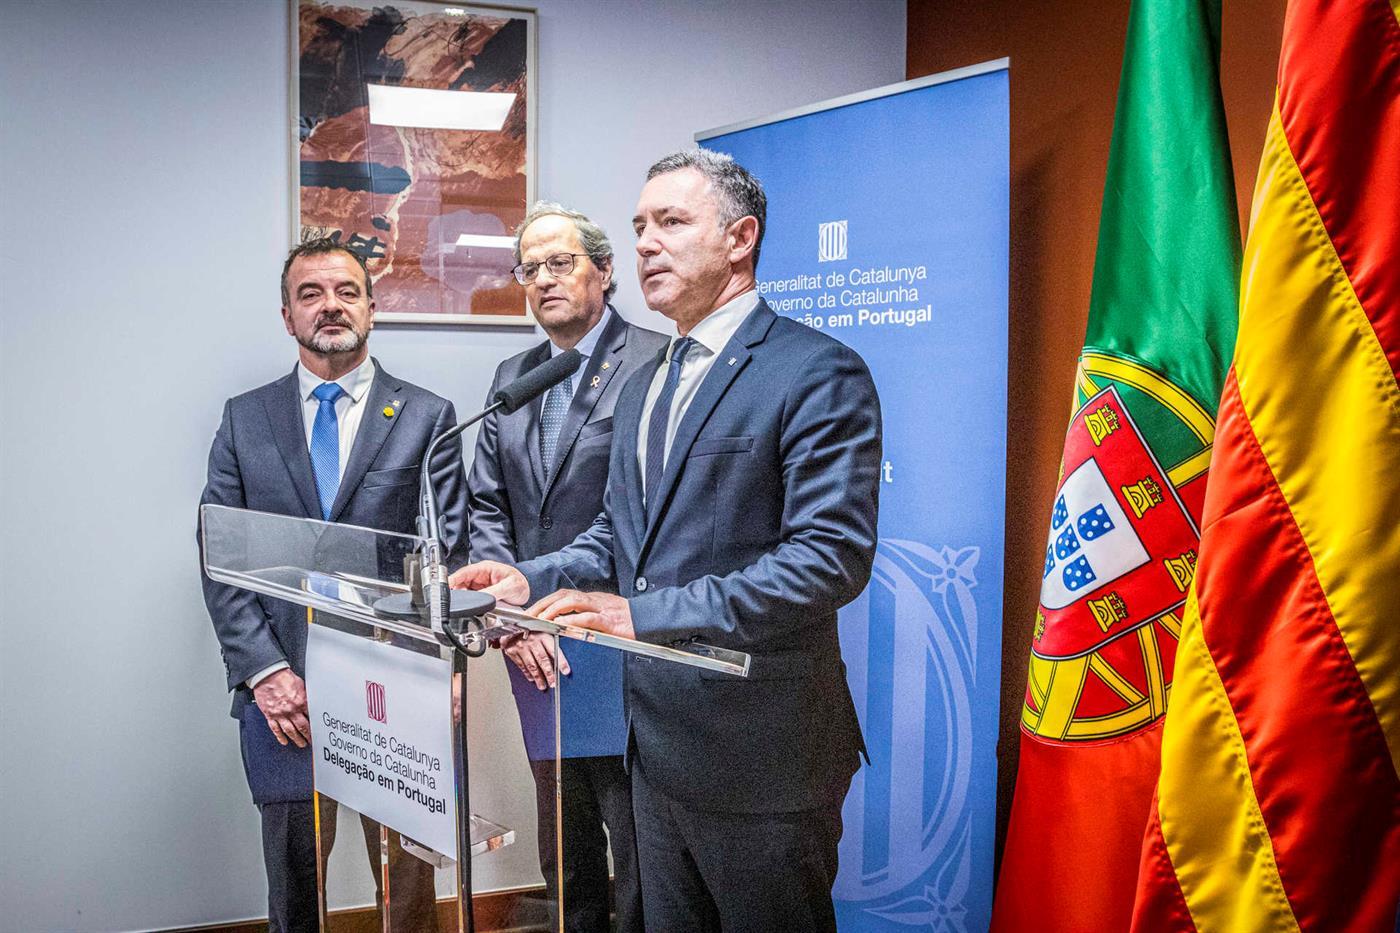 O delegado do governo catalão em Portugal, Rui Reis.